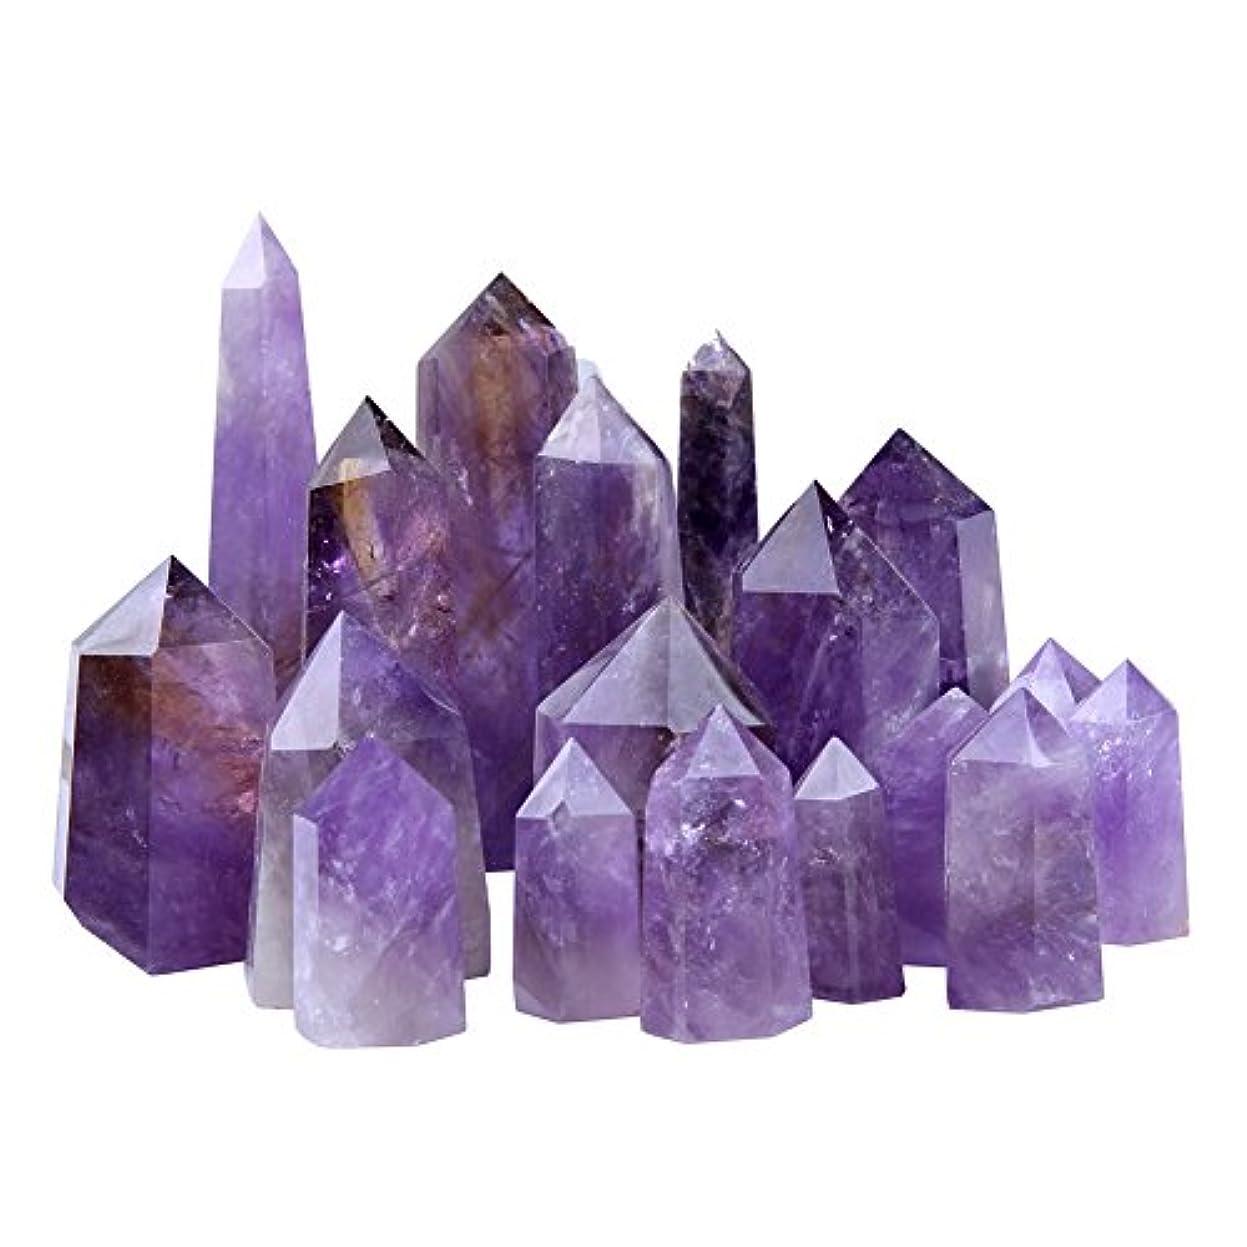 織機脆い文献(Amethyst 2) - Natural Purple Crystal Point 6 Faceted Amethyst Wand, 0.5kg for Healing, Reiki, Grids, Figurine...